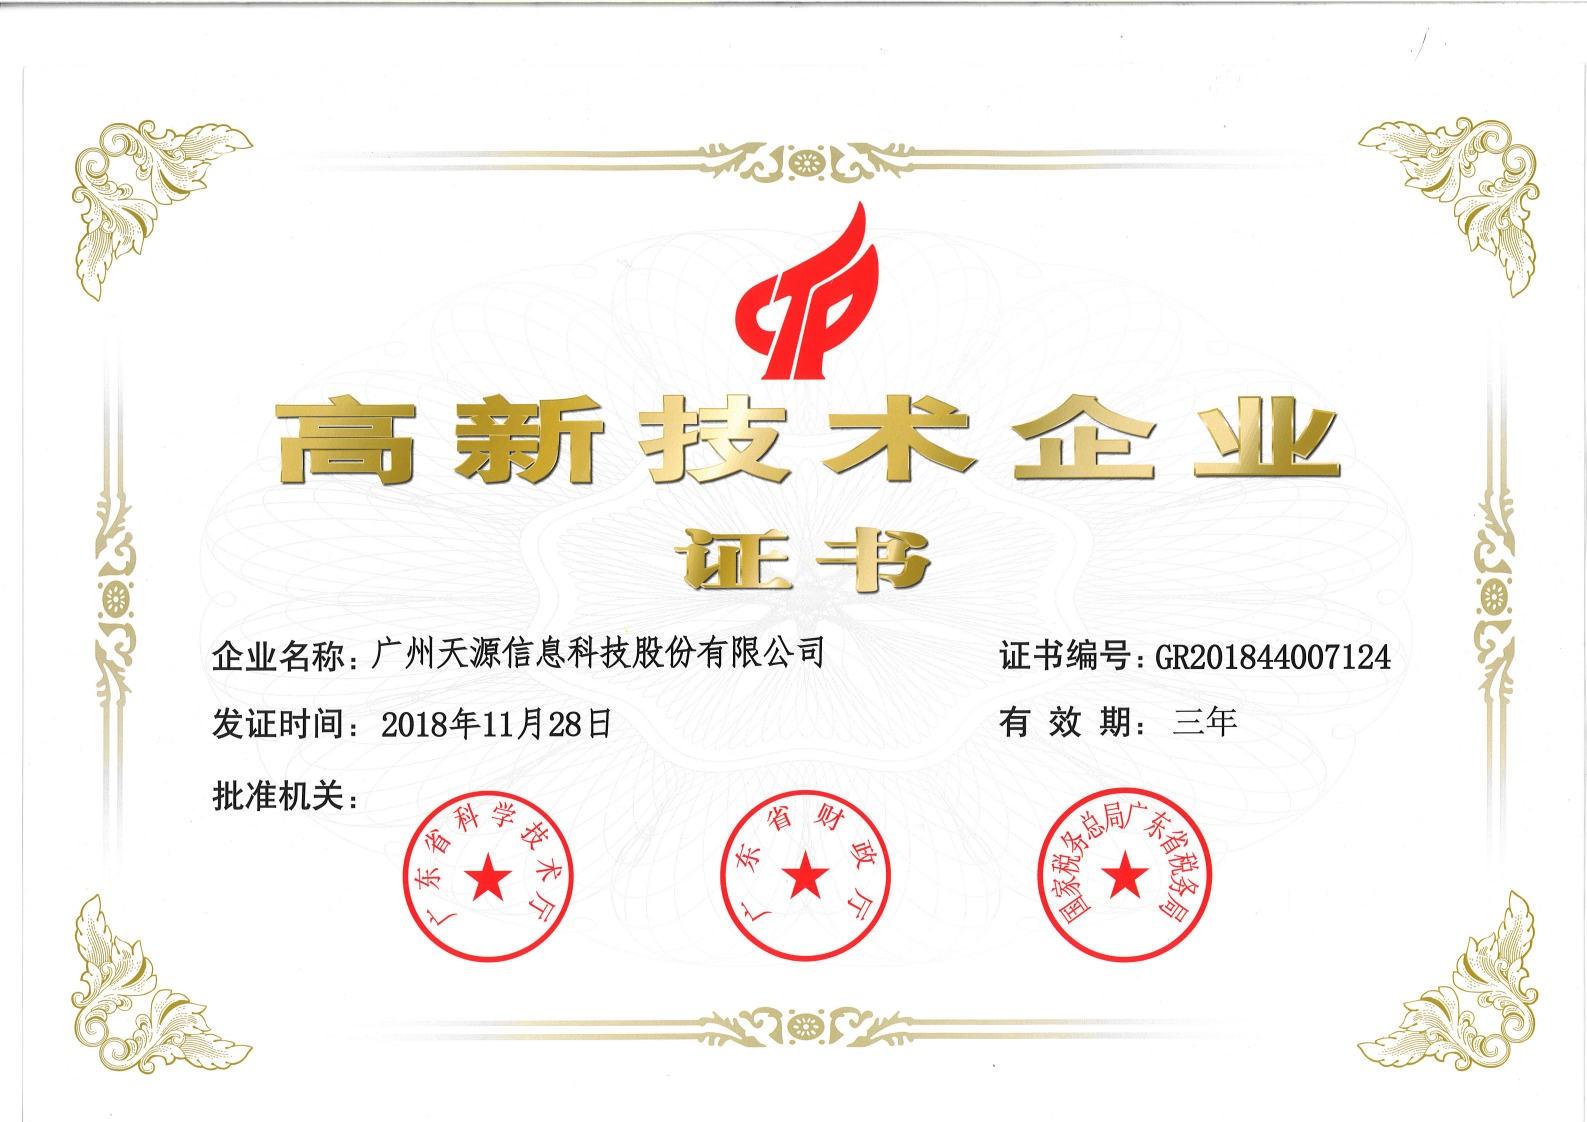 G高新证书 - 公司历史与沿革 |天源股份 – 产业互联网推动者!